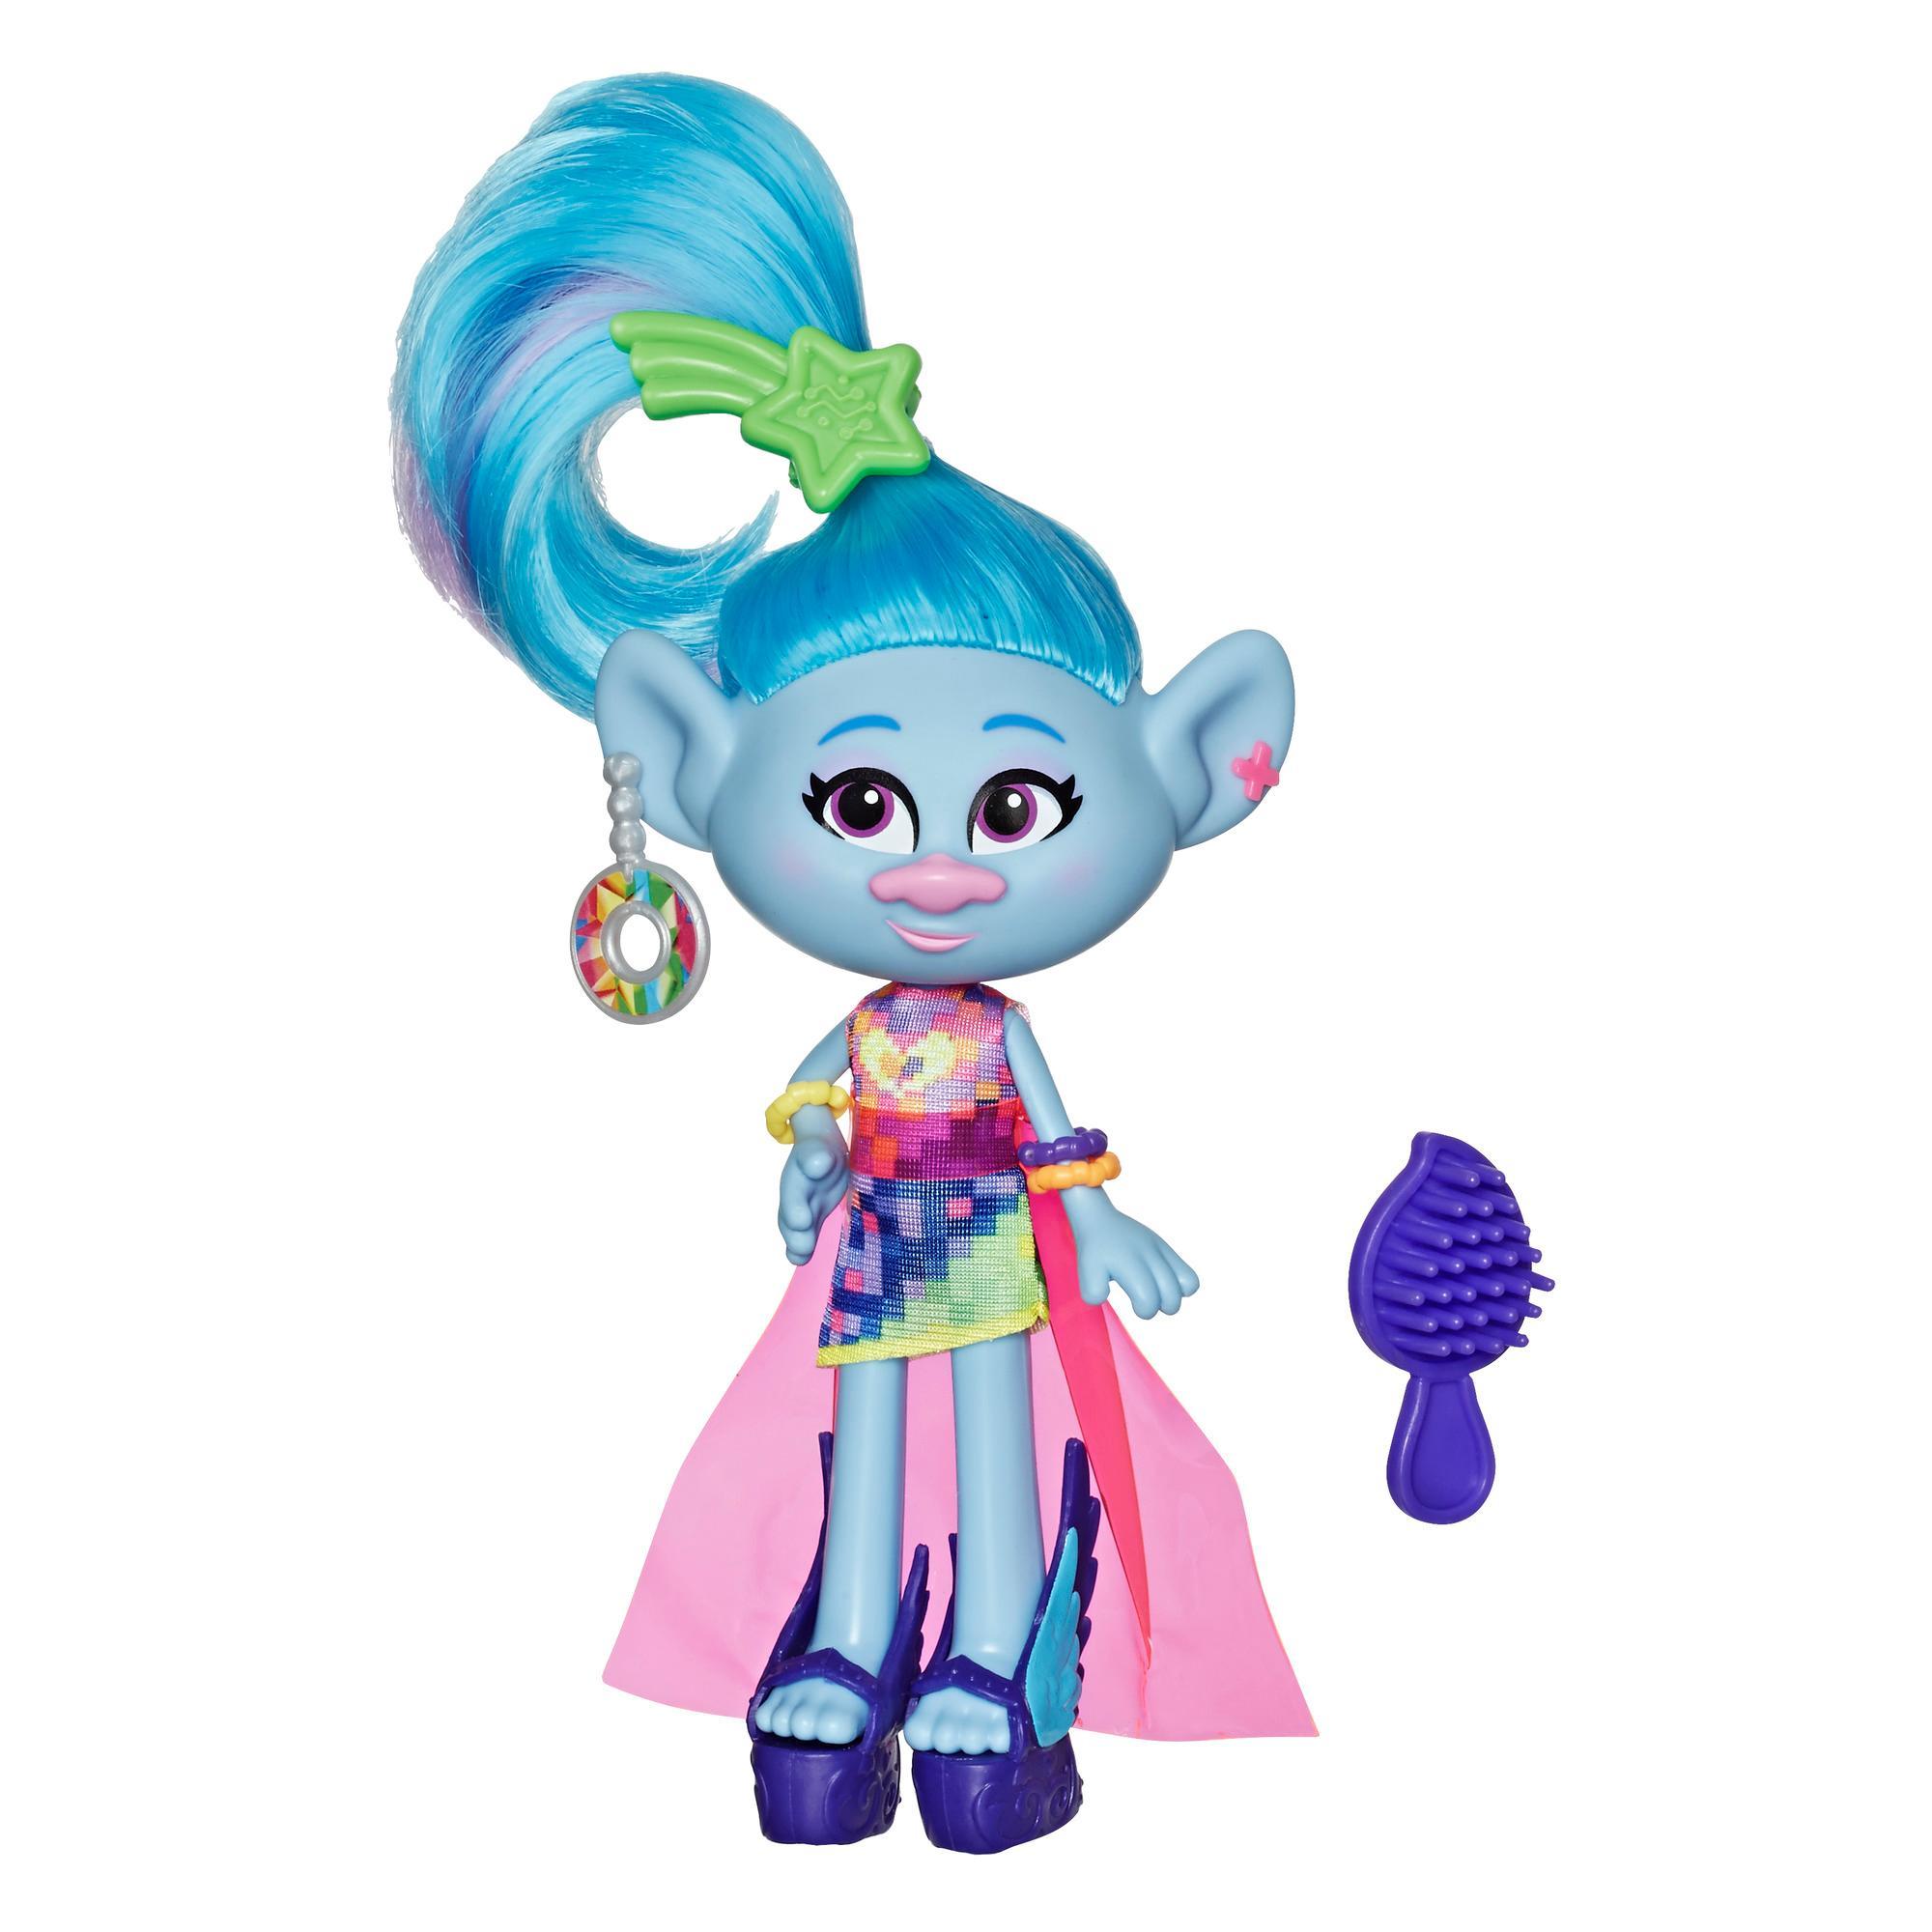 Les Trolls de DreamWorks - Poupée Charmante Chenille avec robe et plus, du film Trolls 2 : Tournée mondiale, enfants